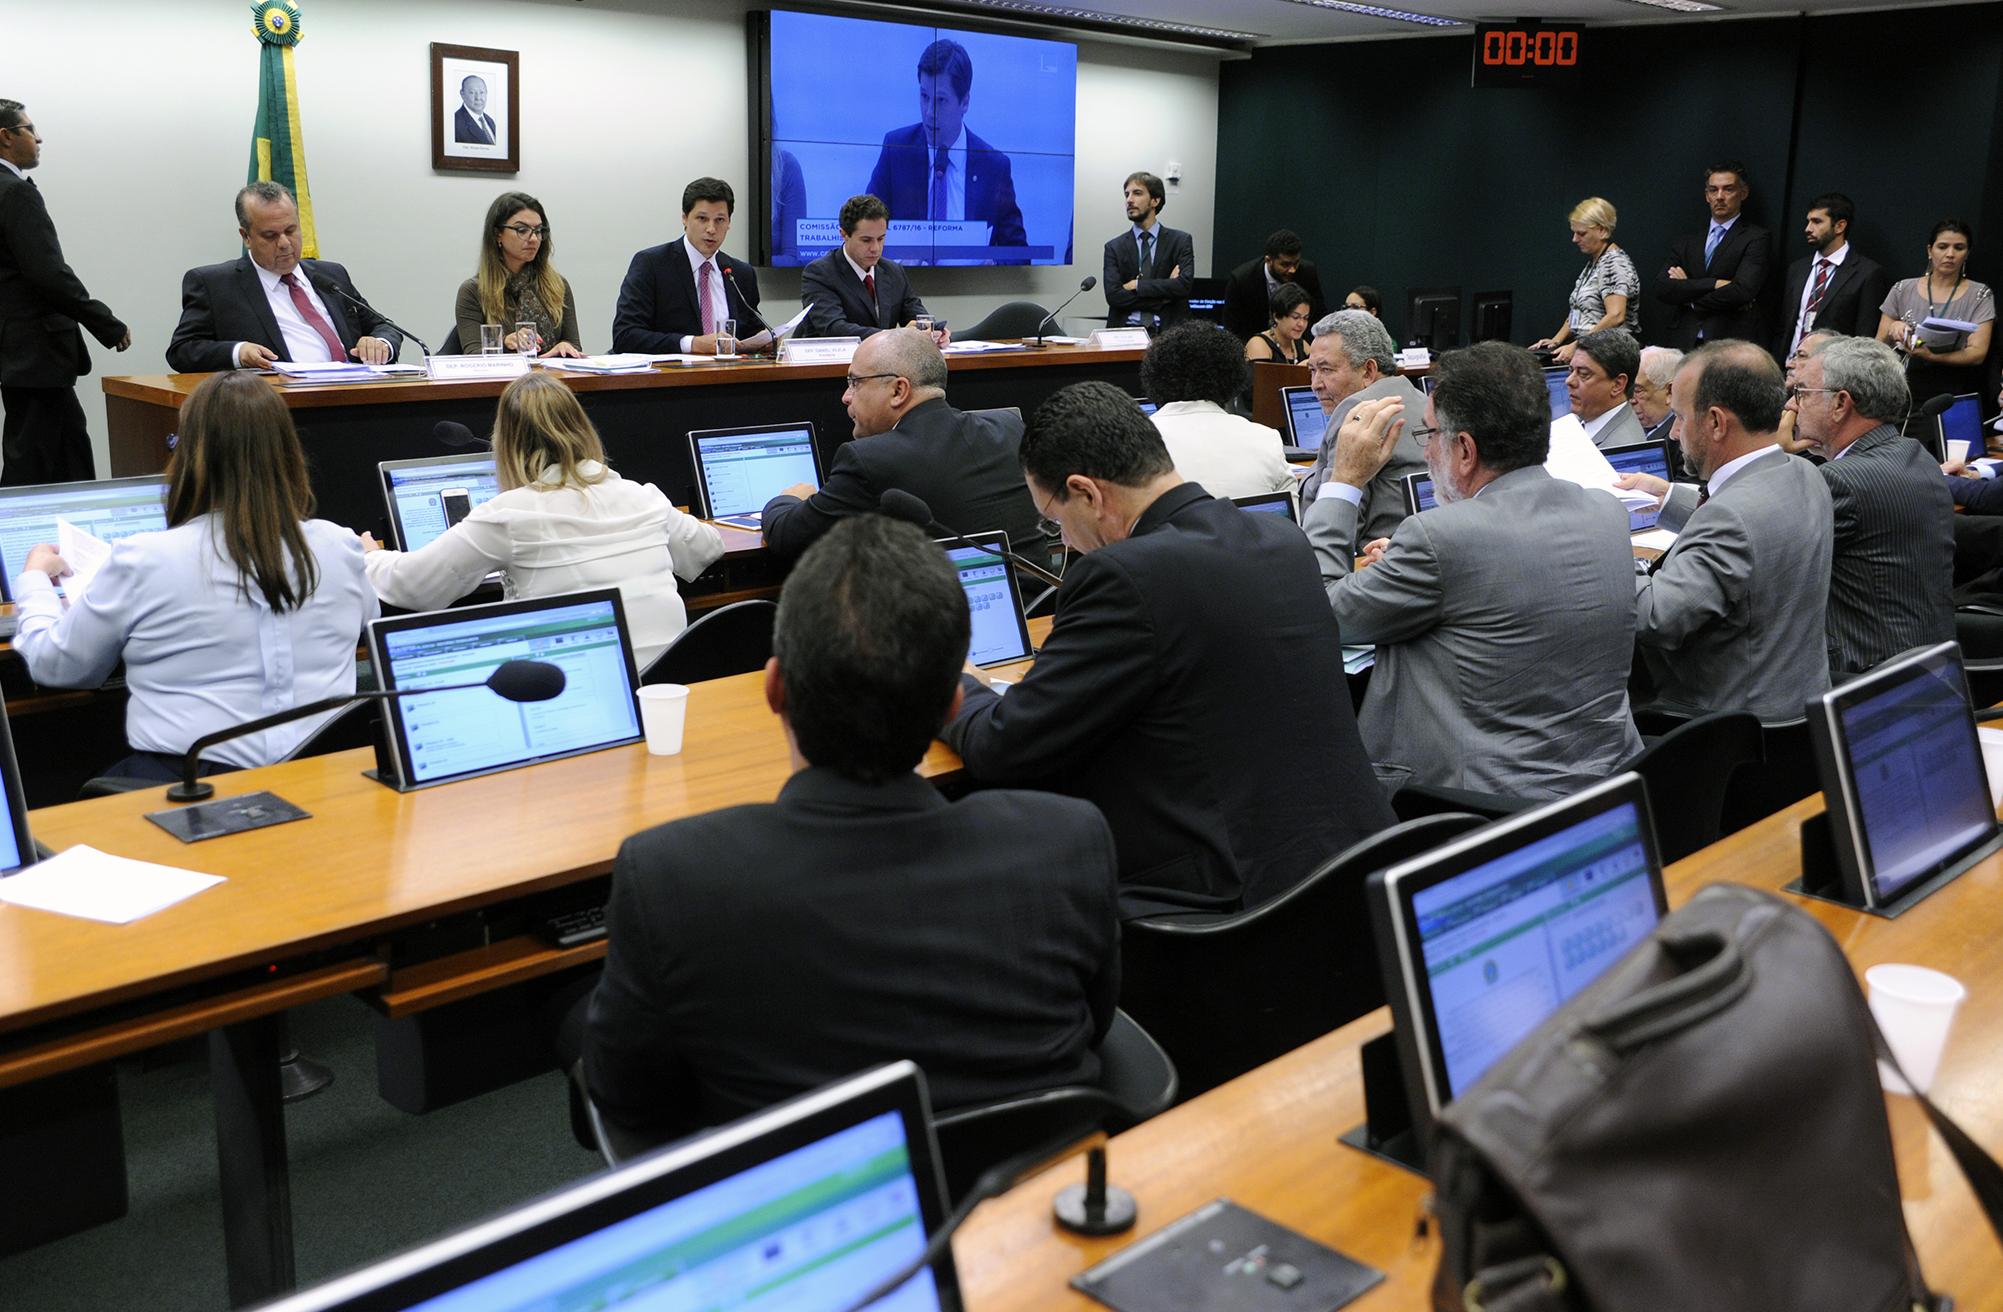 Reunião Ordinária para eleição do segundo e do terceiro vice-presidentes, definição do roteiro de trabalho da Comissão e deliberação de requerimentos